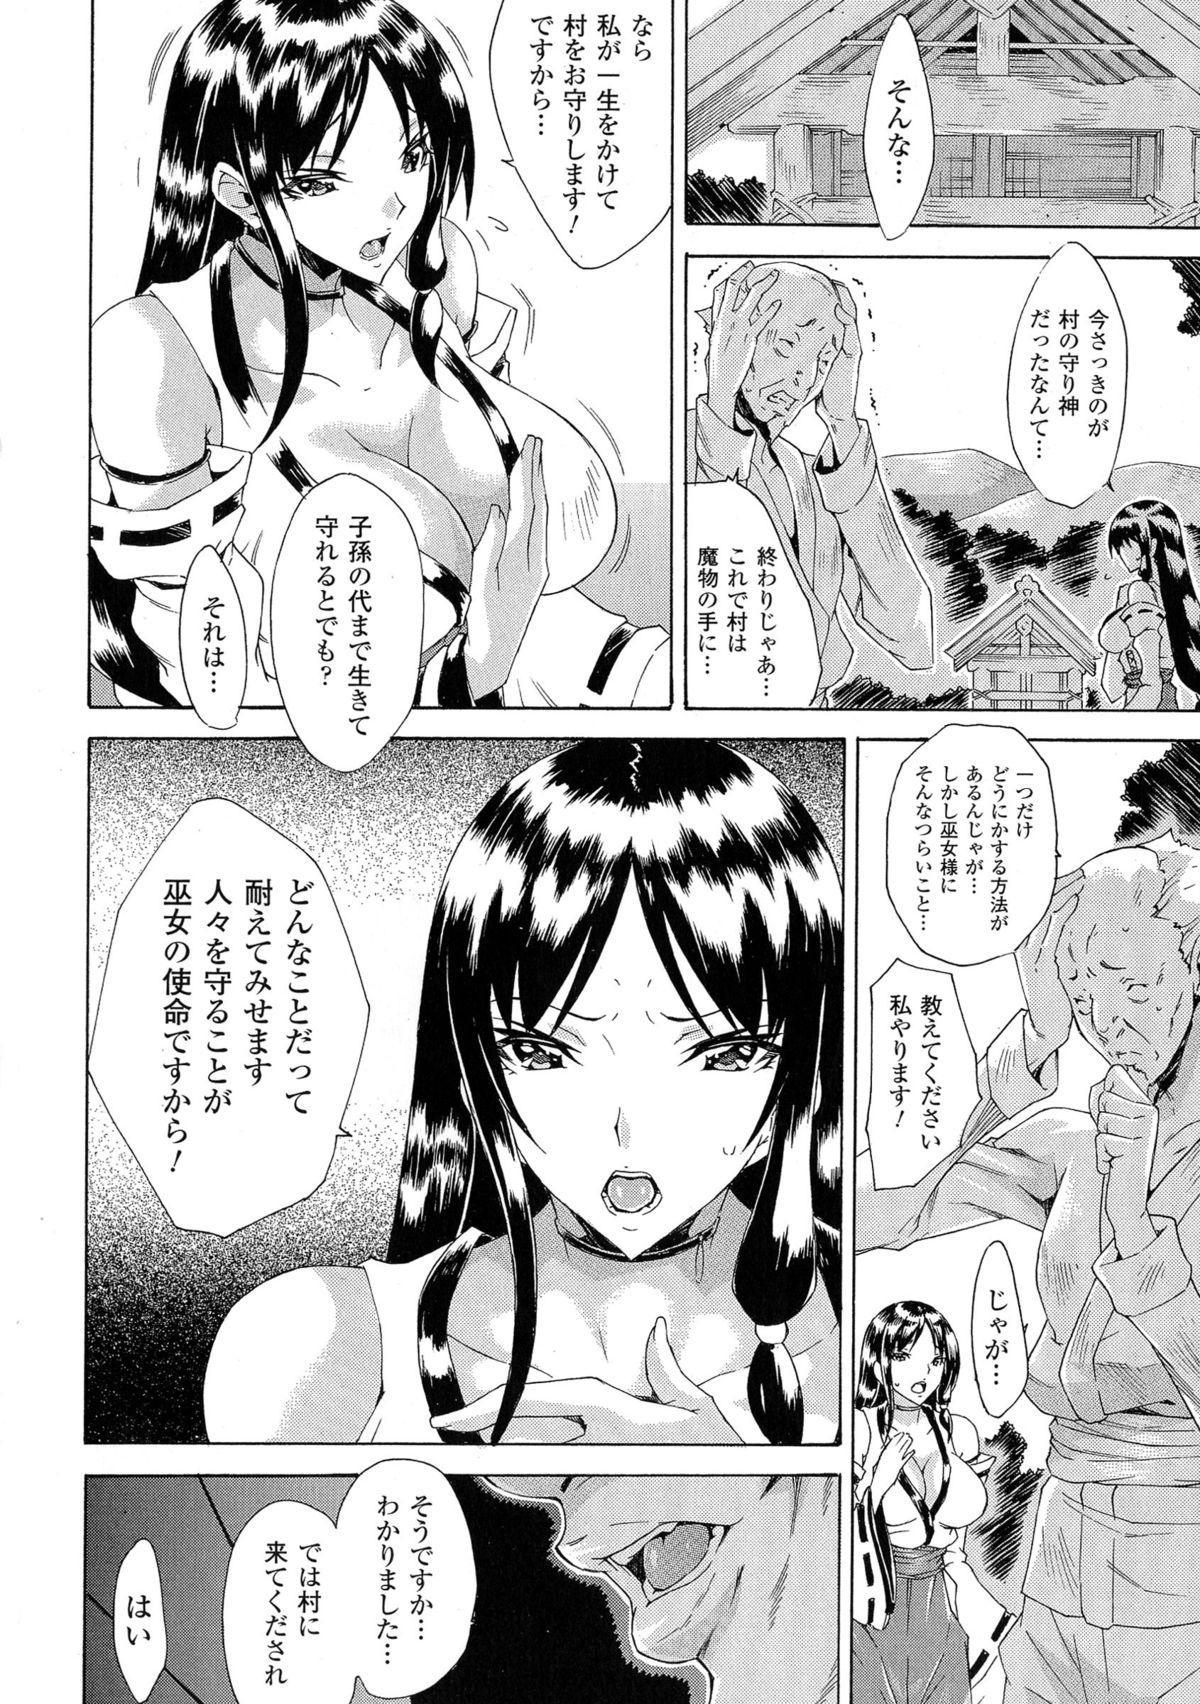 Kachiki na Onna ga Buzama na Ahegao o Sarasu made 125